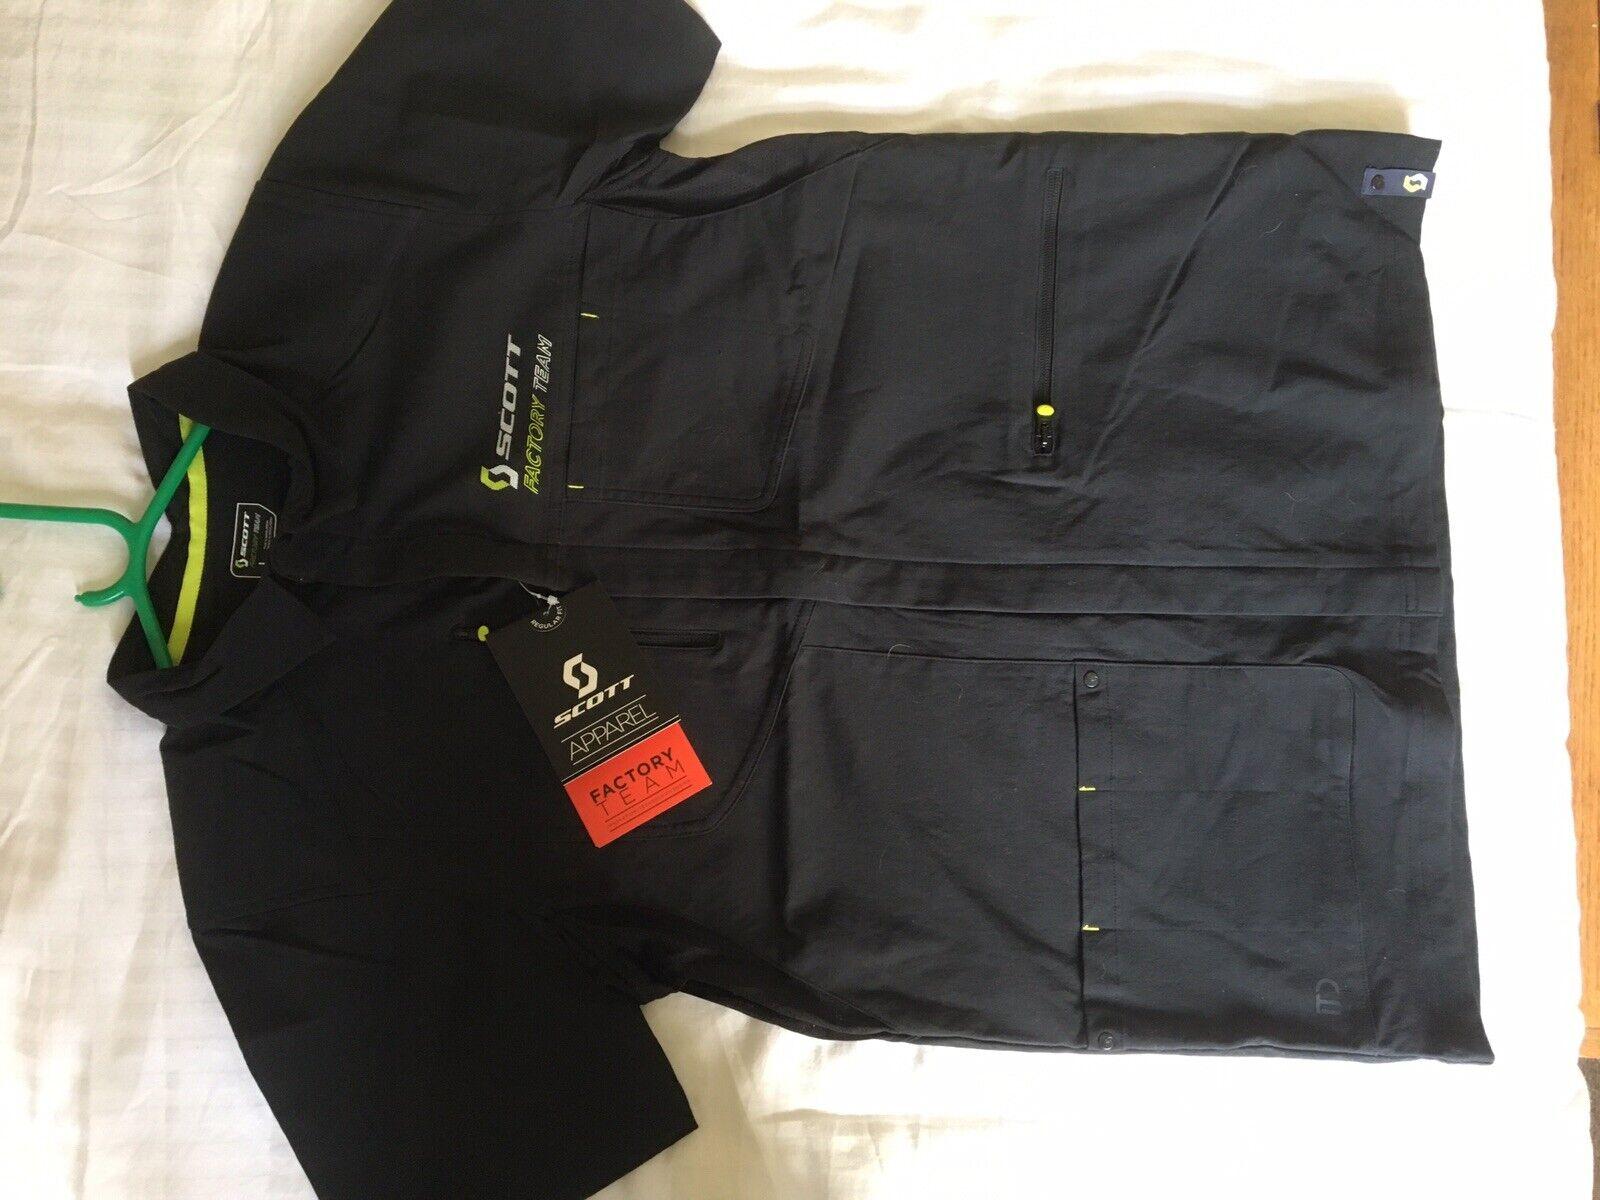 2019 Scott Factory Team Zip Shirt - Brand new